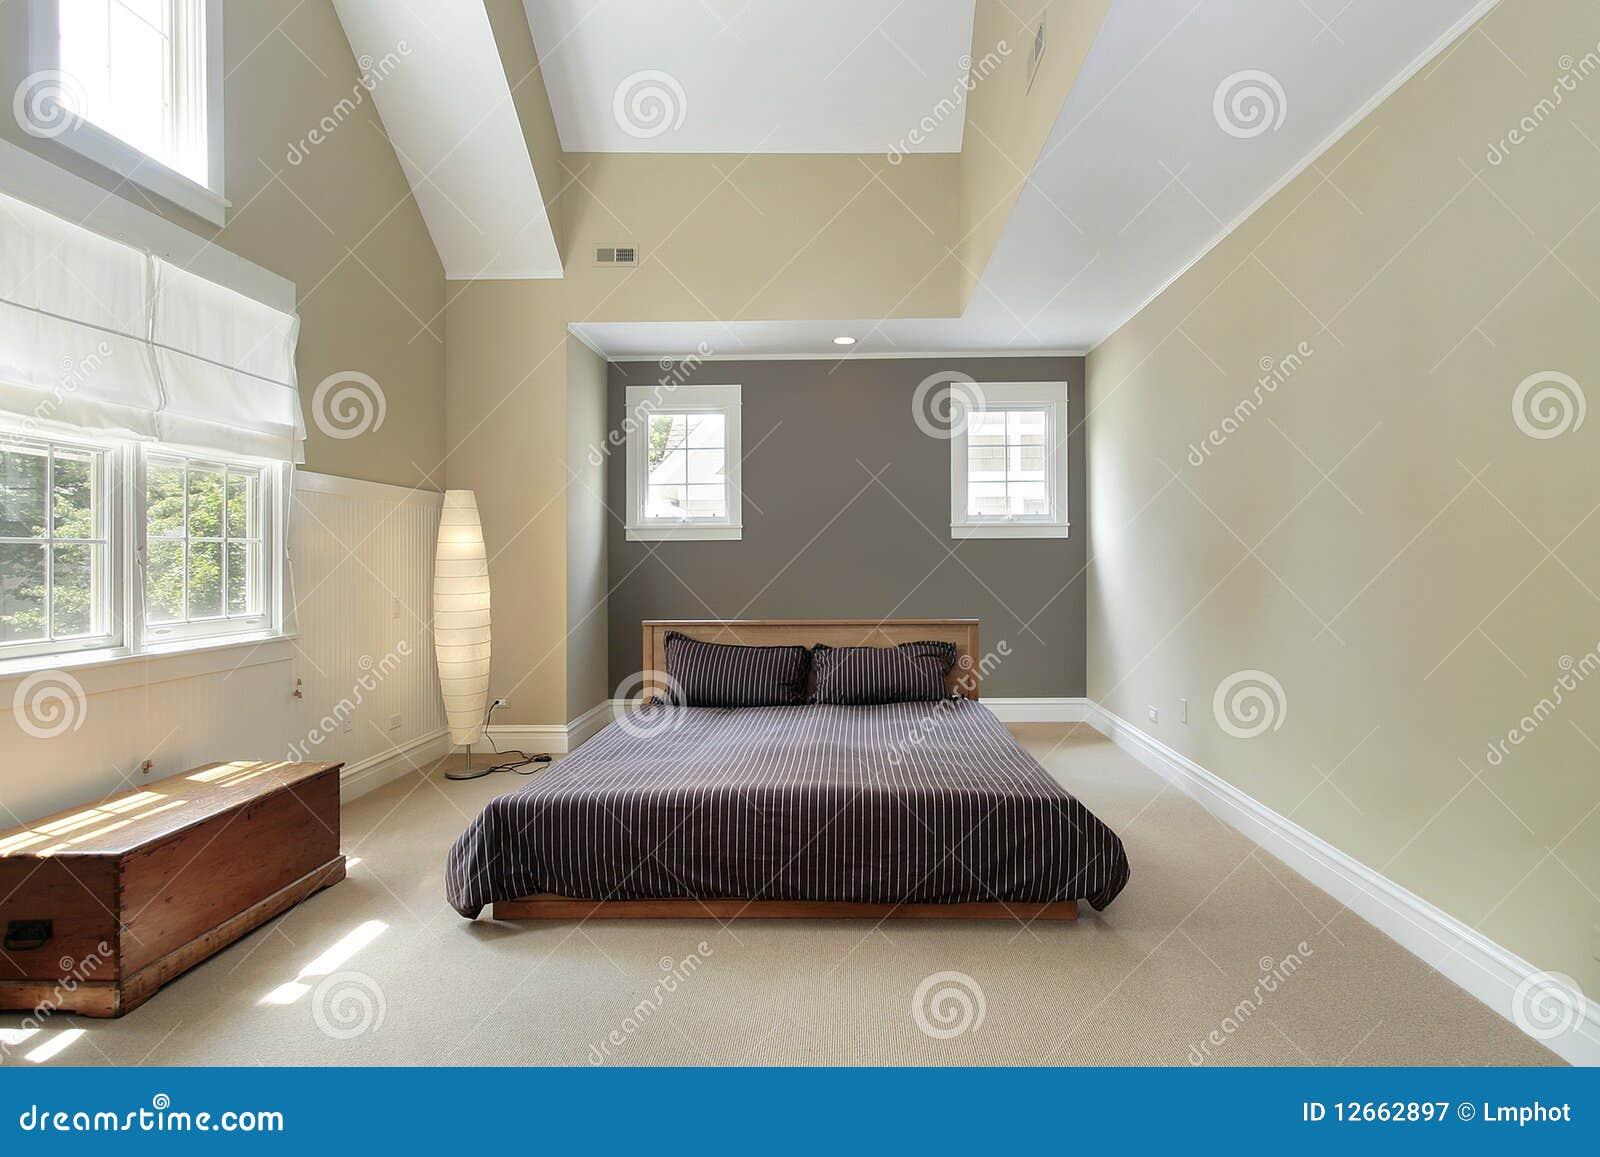 Plafoniere Moderne Per Camera Da Letto : Lampade moderne da soffitto. cool aeratron ventilatore a soffitto